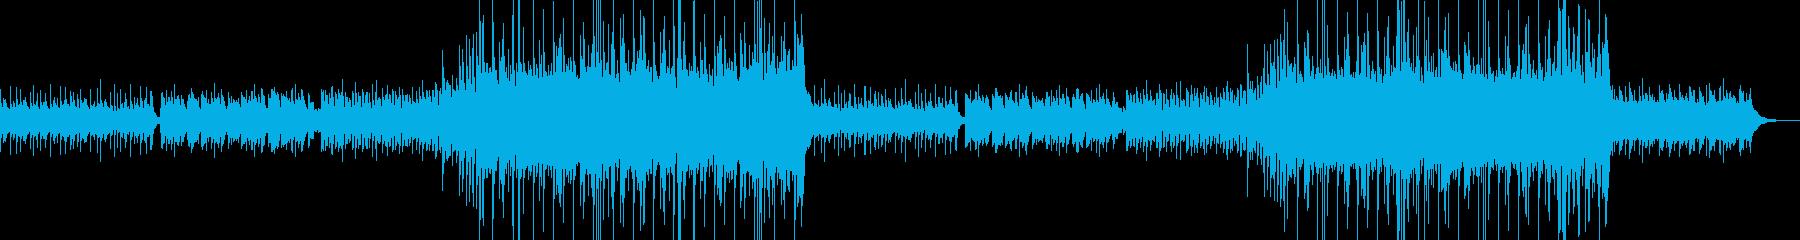 和風・感動的・切ない・琴・バラードの再生済みの波形